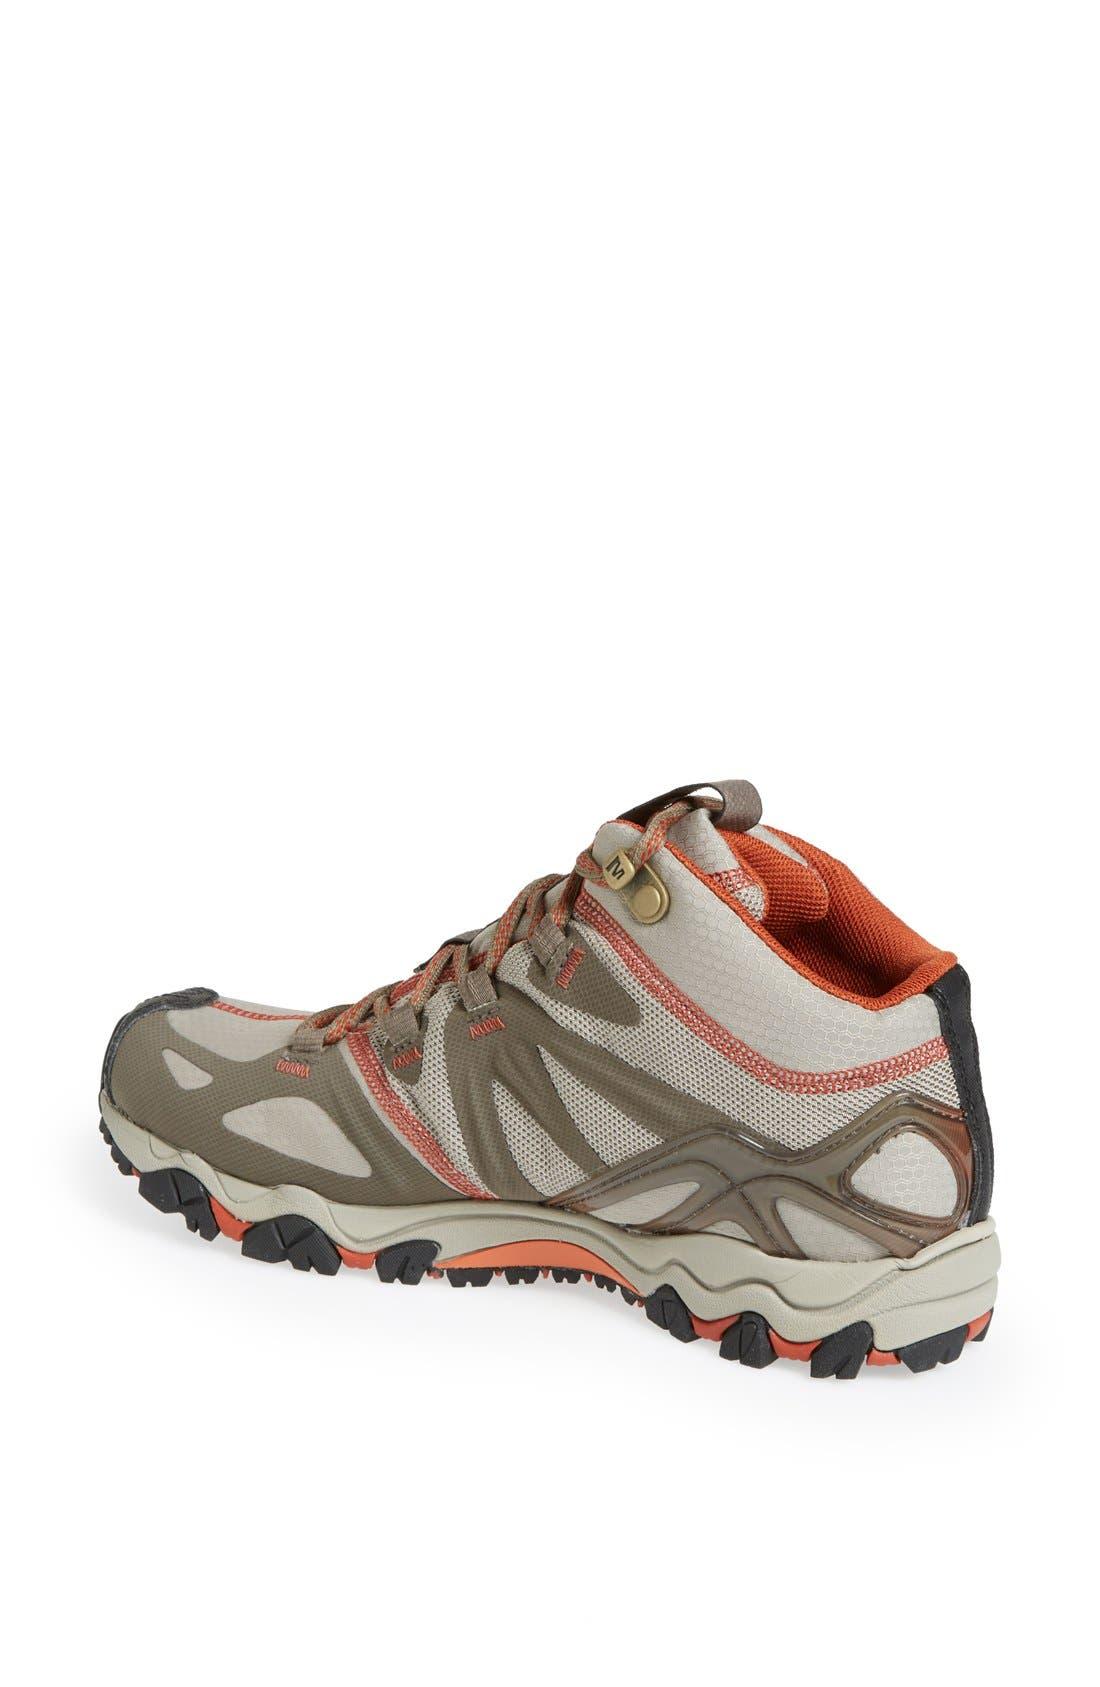 Alternate Image 2  - Merrell 'Grassbow Sport - Mid' Waterproof Hiking Shoe (Women)